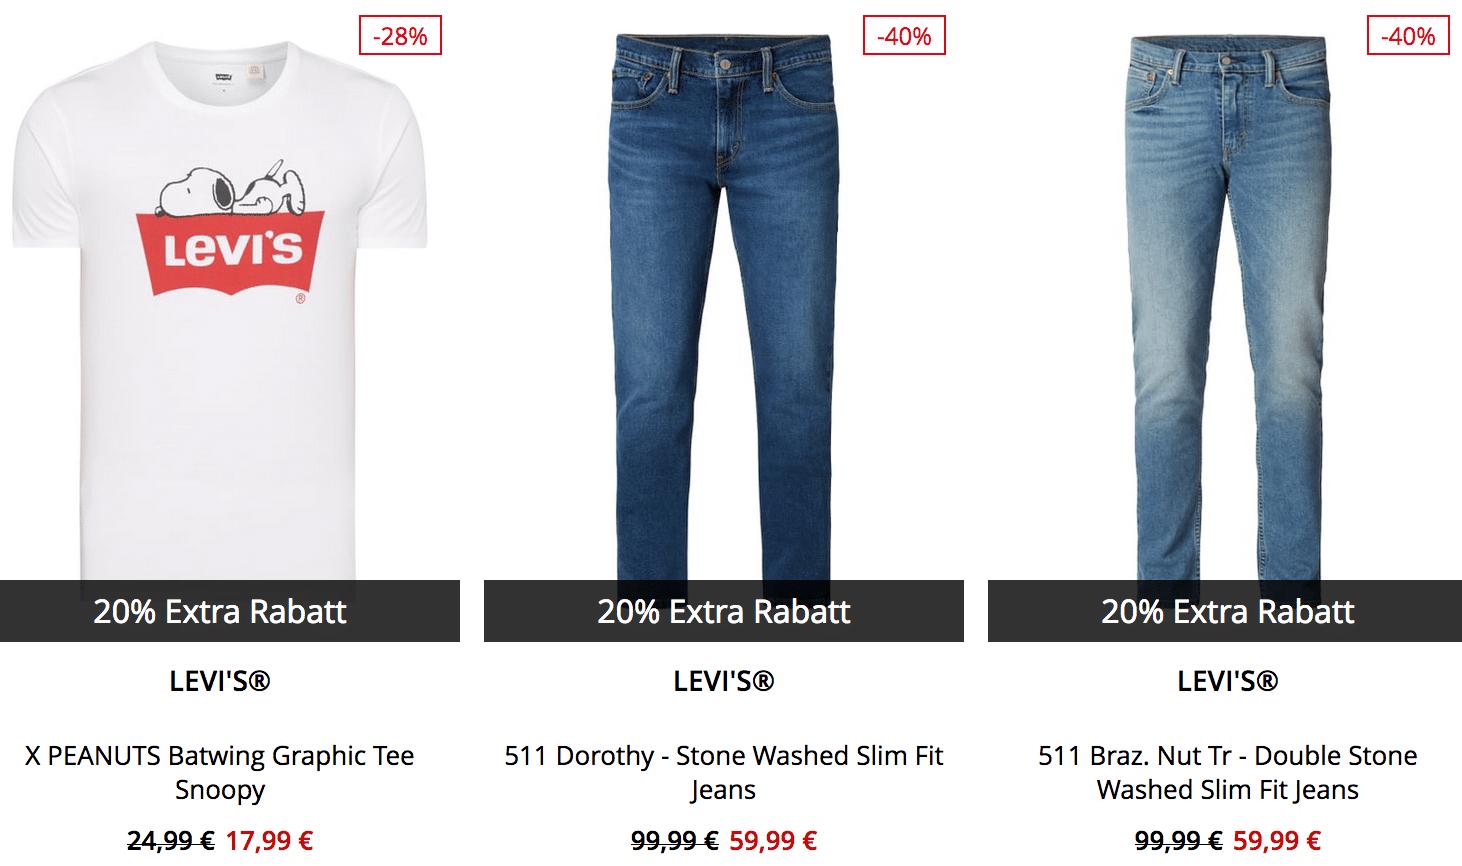 Tipp! Peek & Cloppenburg* Final 50% Sale mit 20% Extra Rabatt auf reduzierte Einzelteile